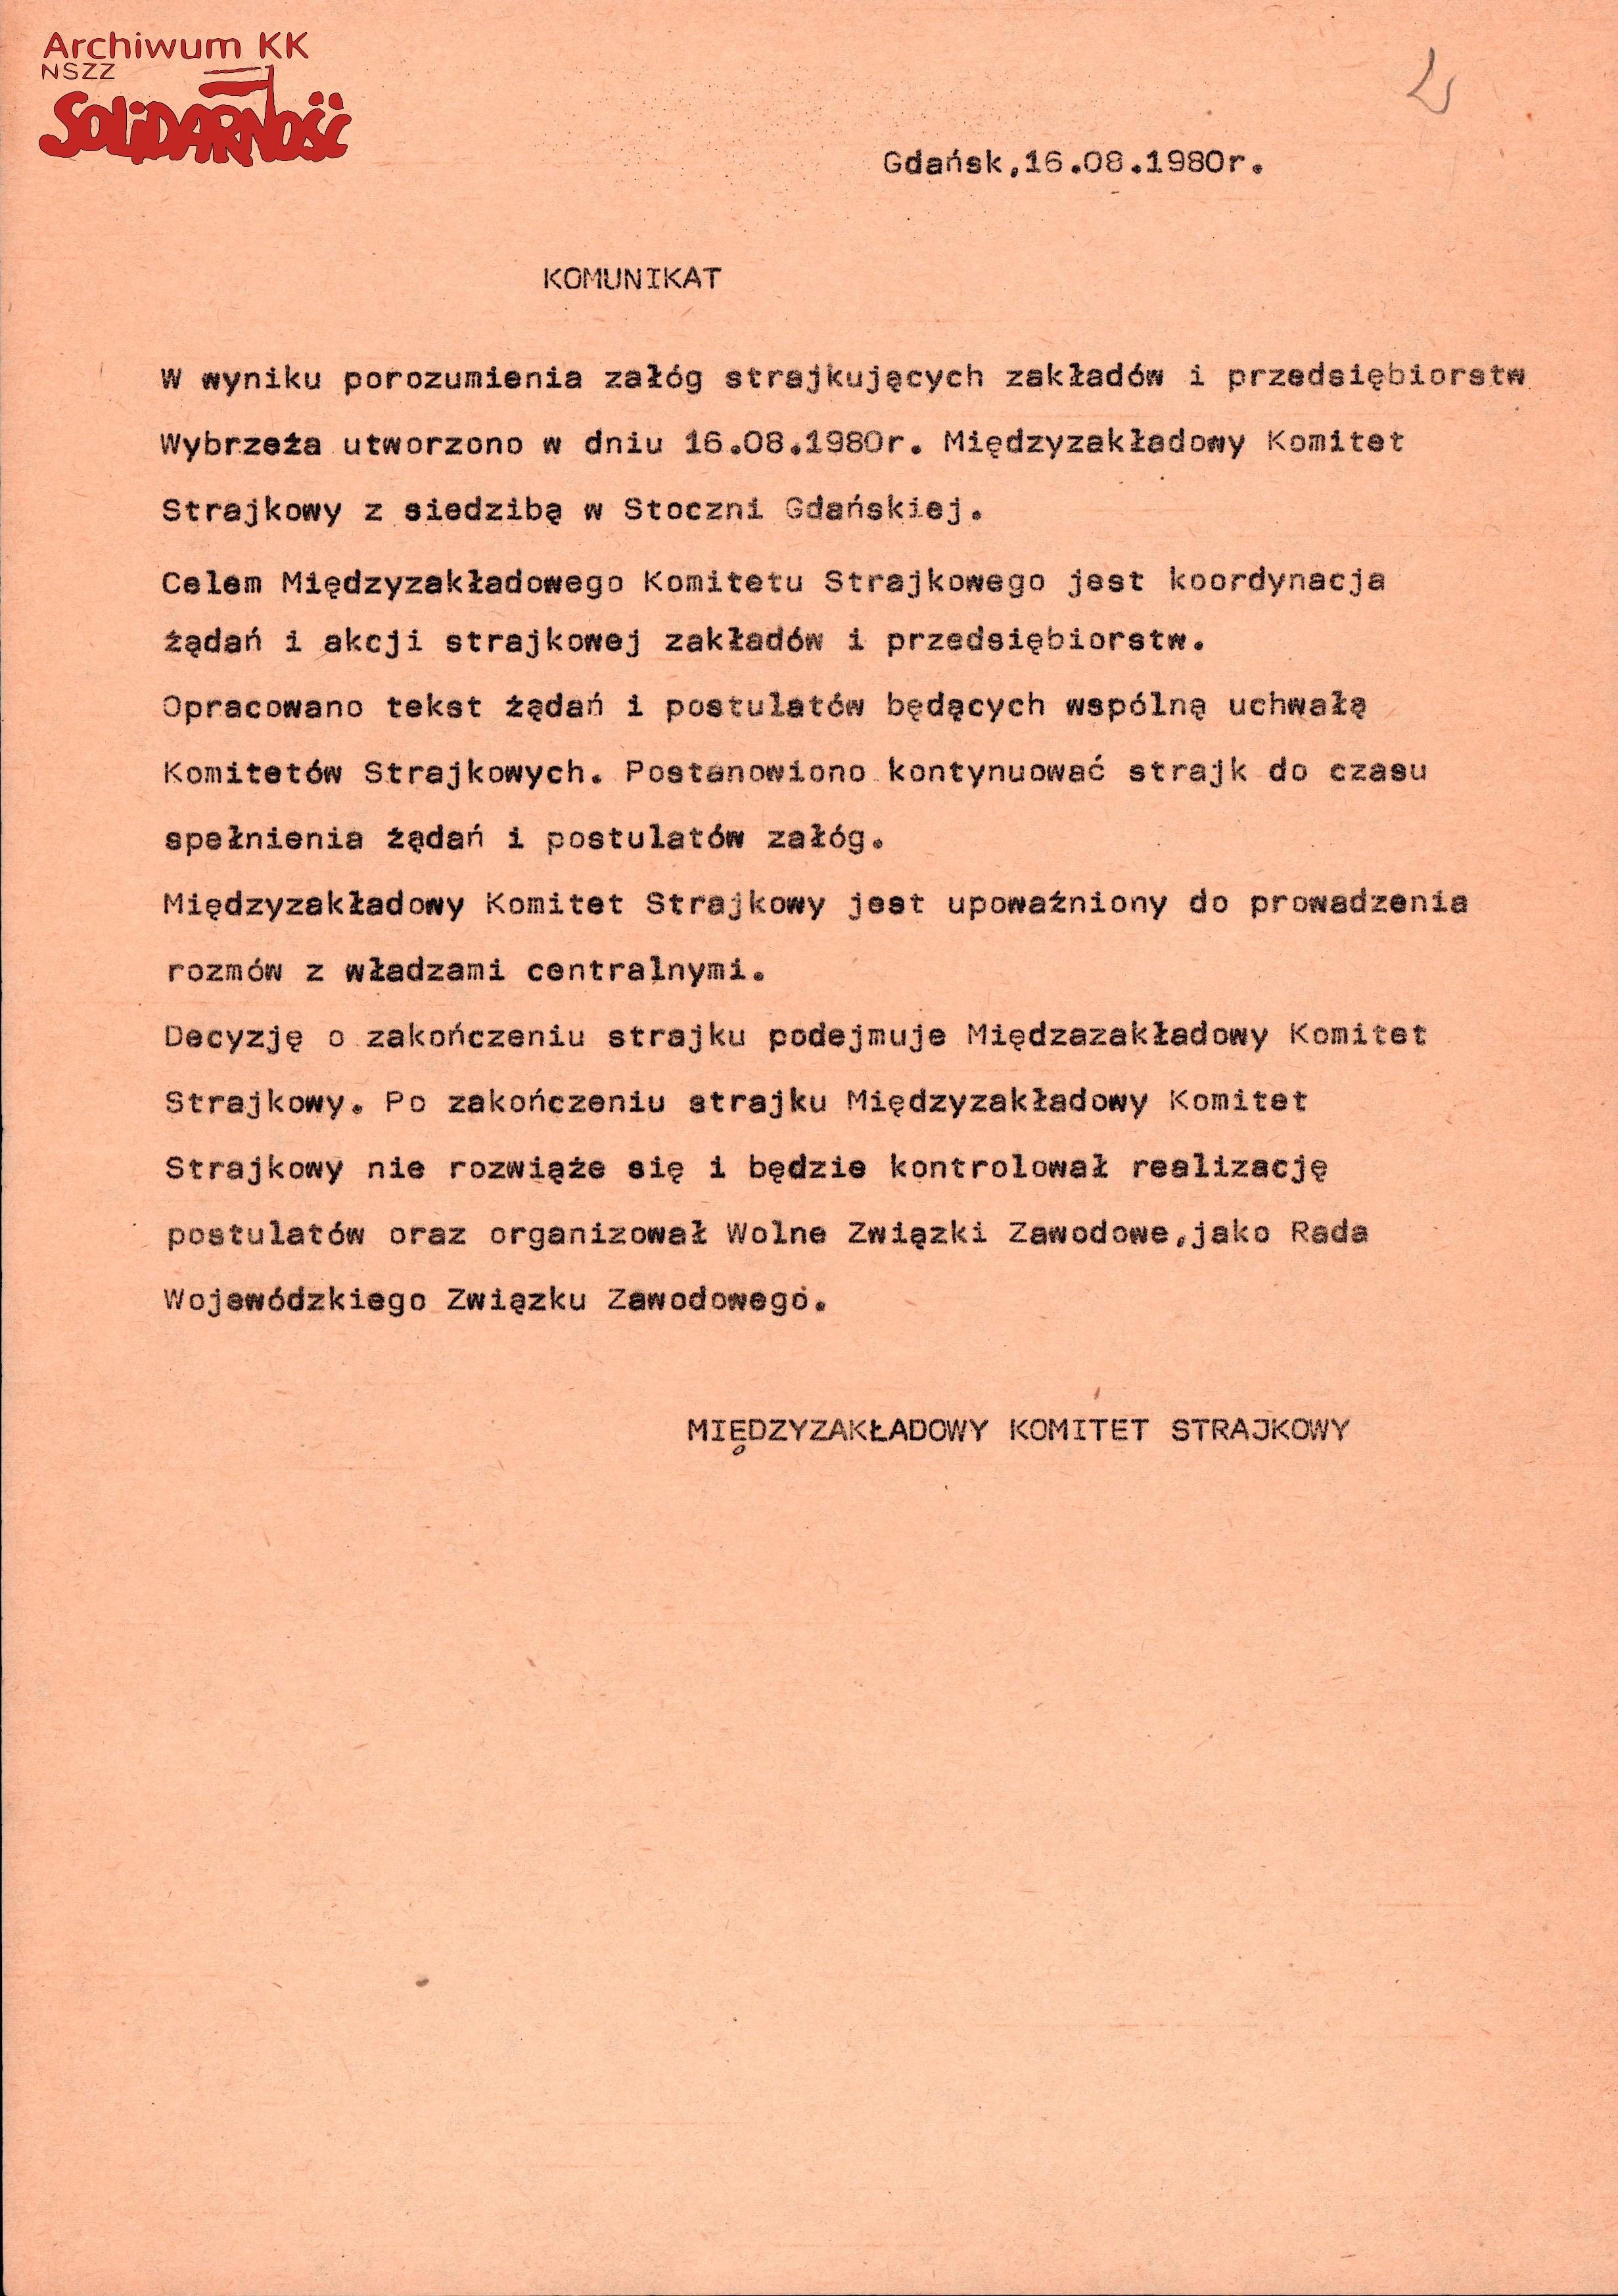 AKKS-347-1-1000002